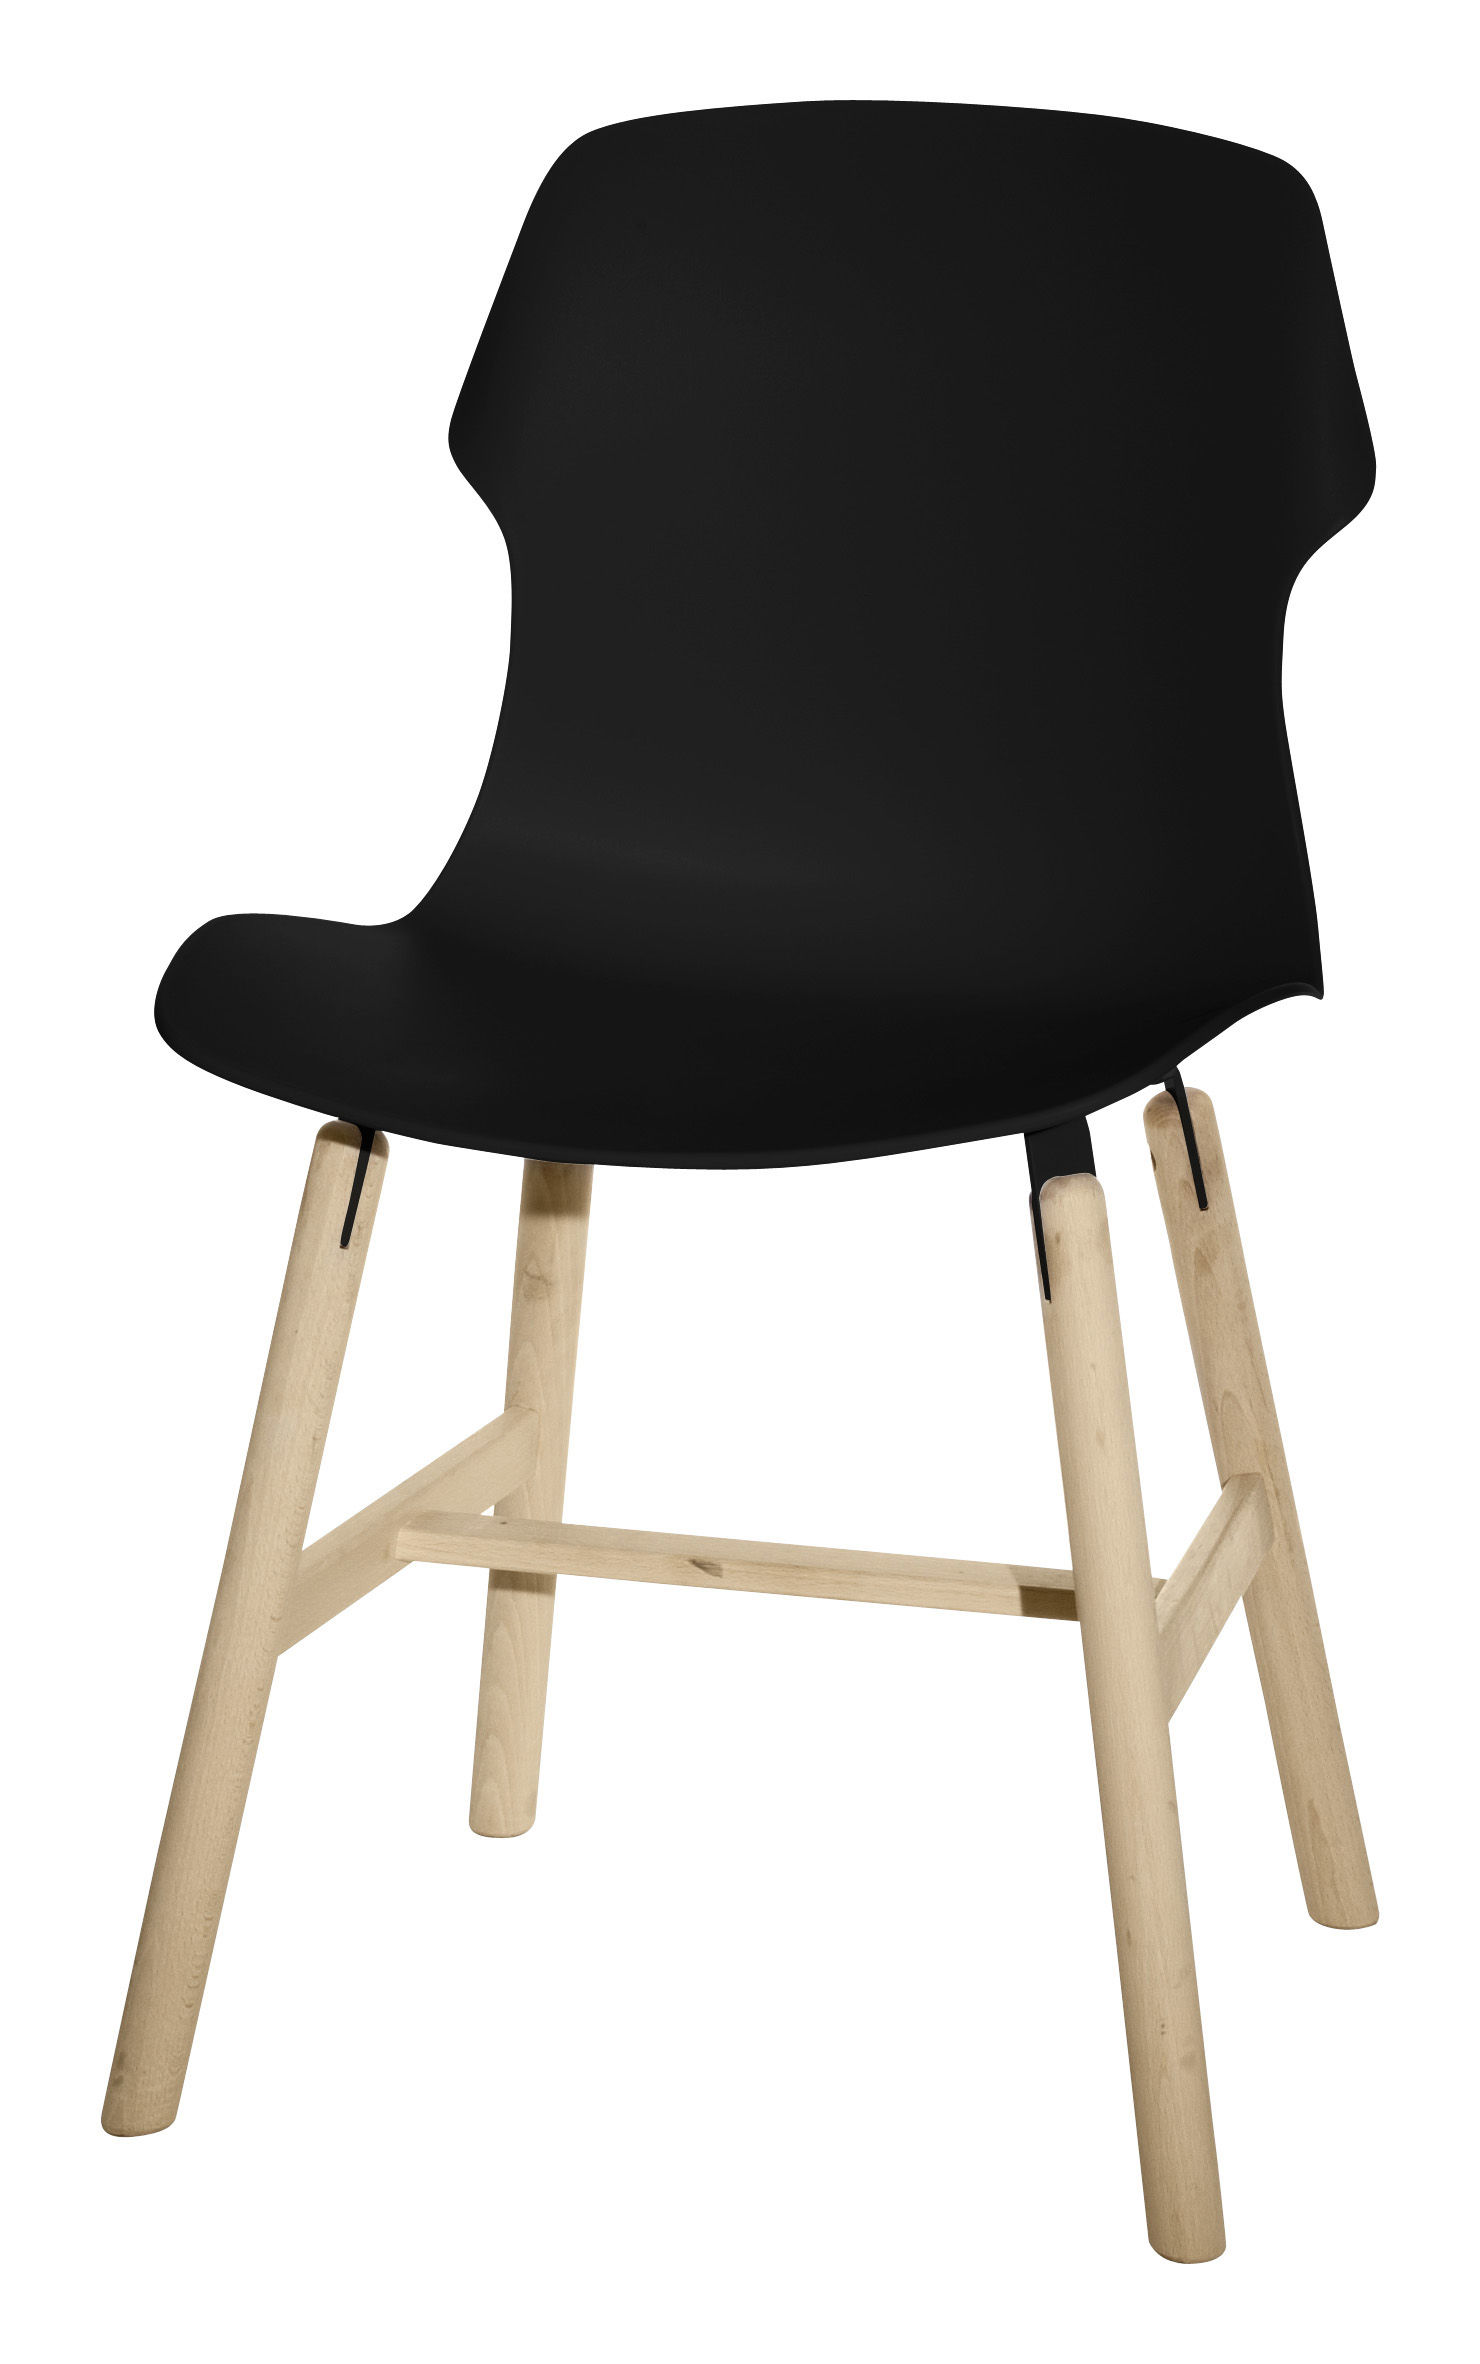 Arredamento - Sedie  - Sedia Stereo wood - 4 gambe in legno di Casamania - Nero - Legno massello, Polipropilene